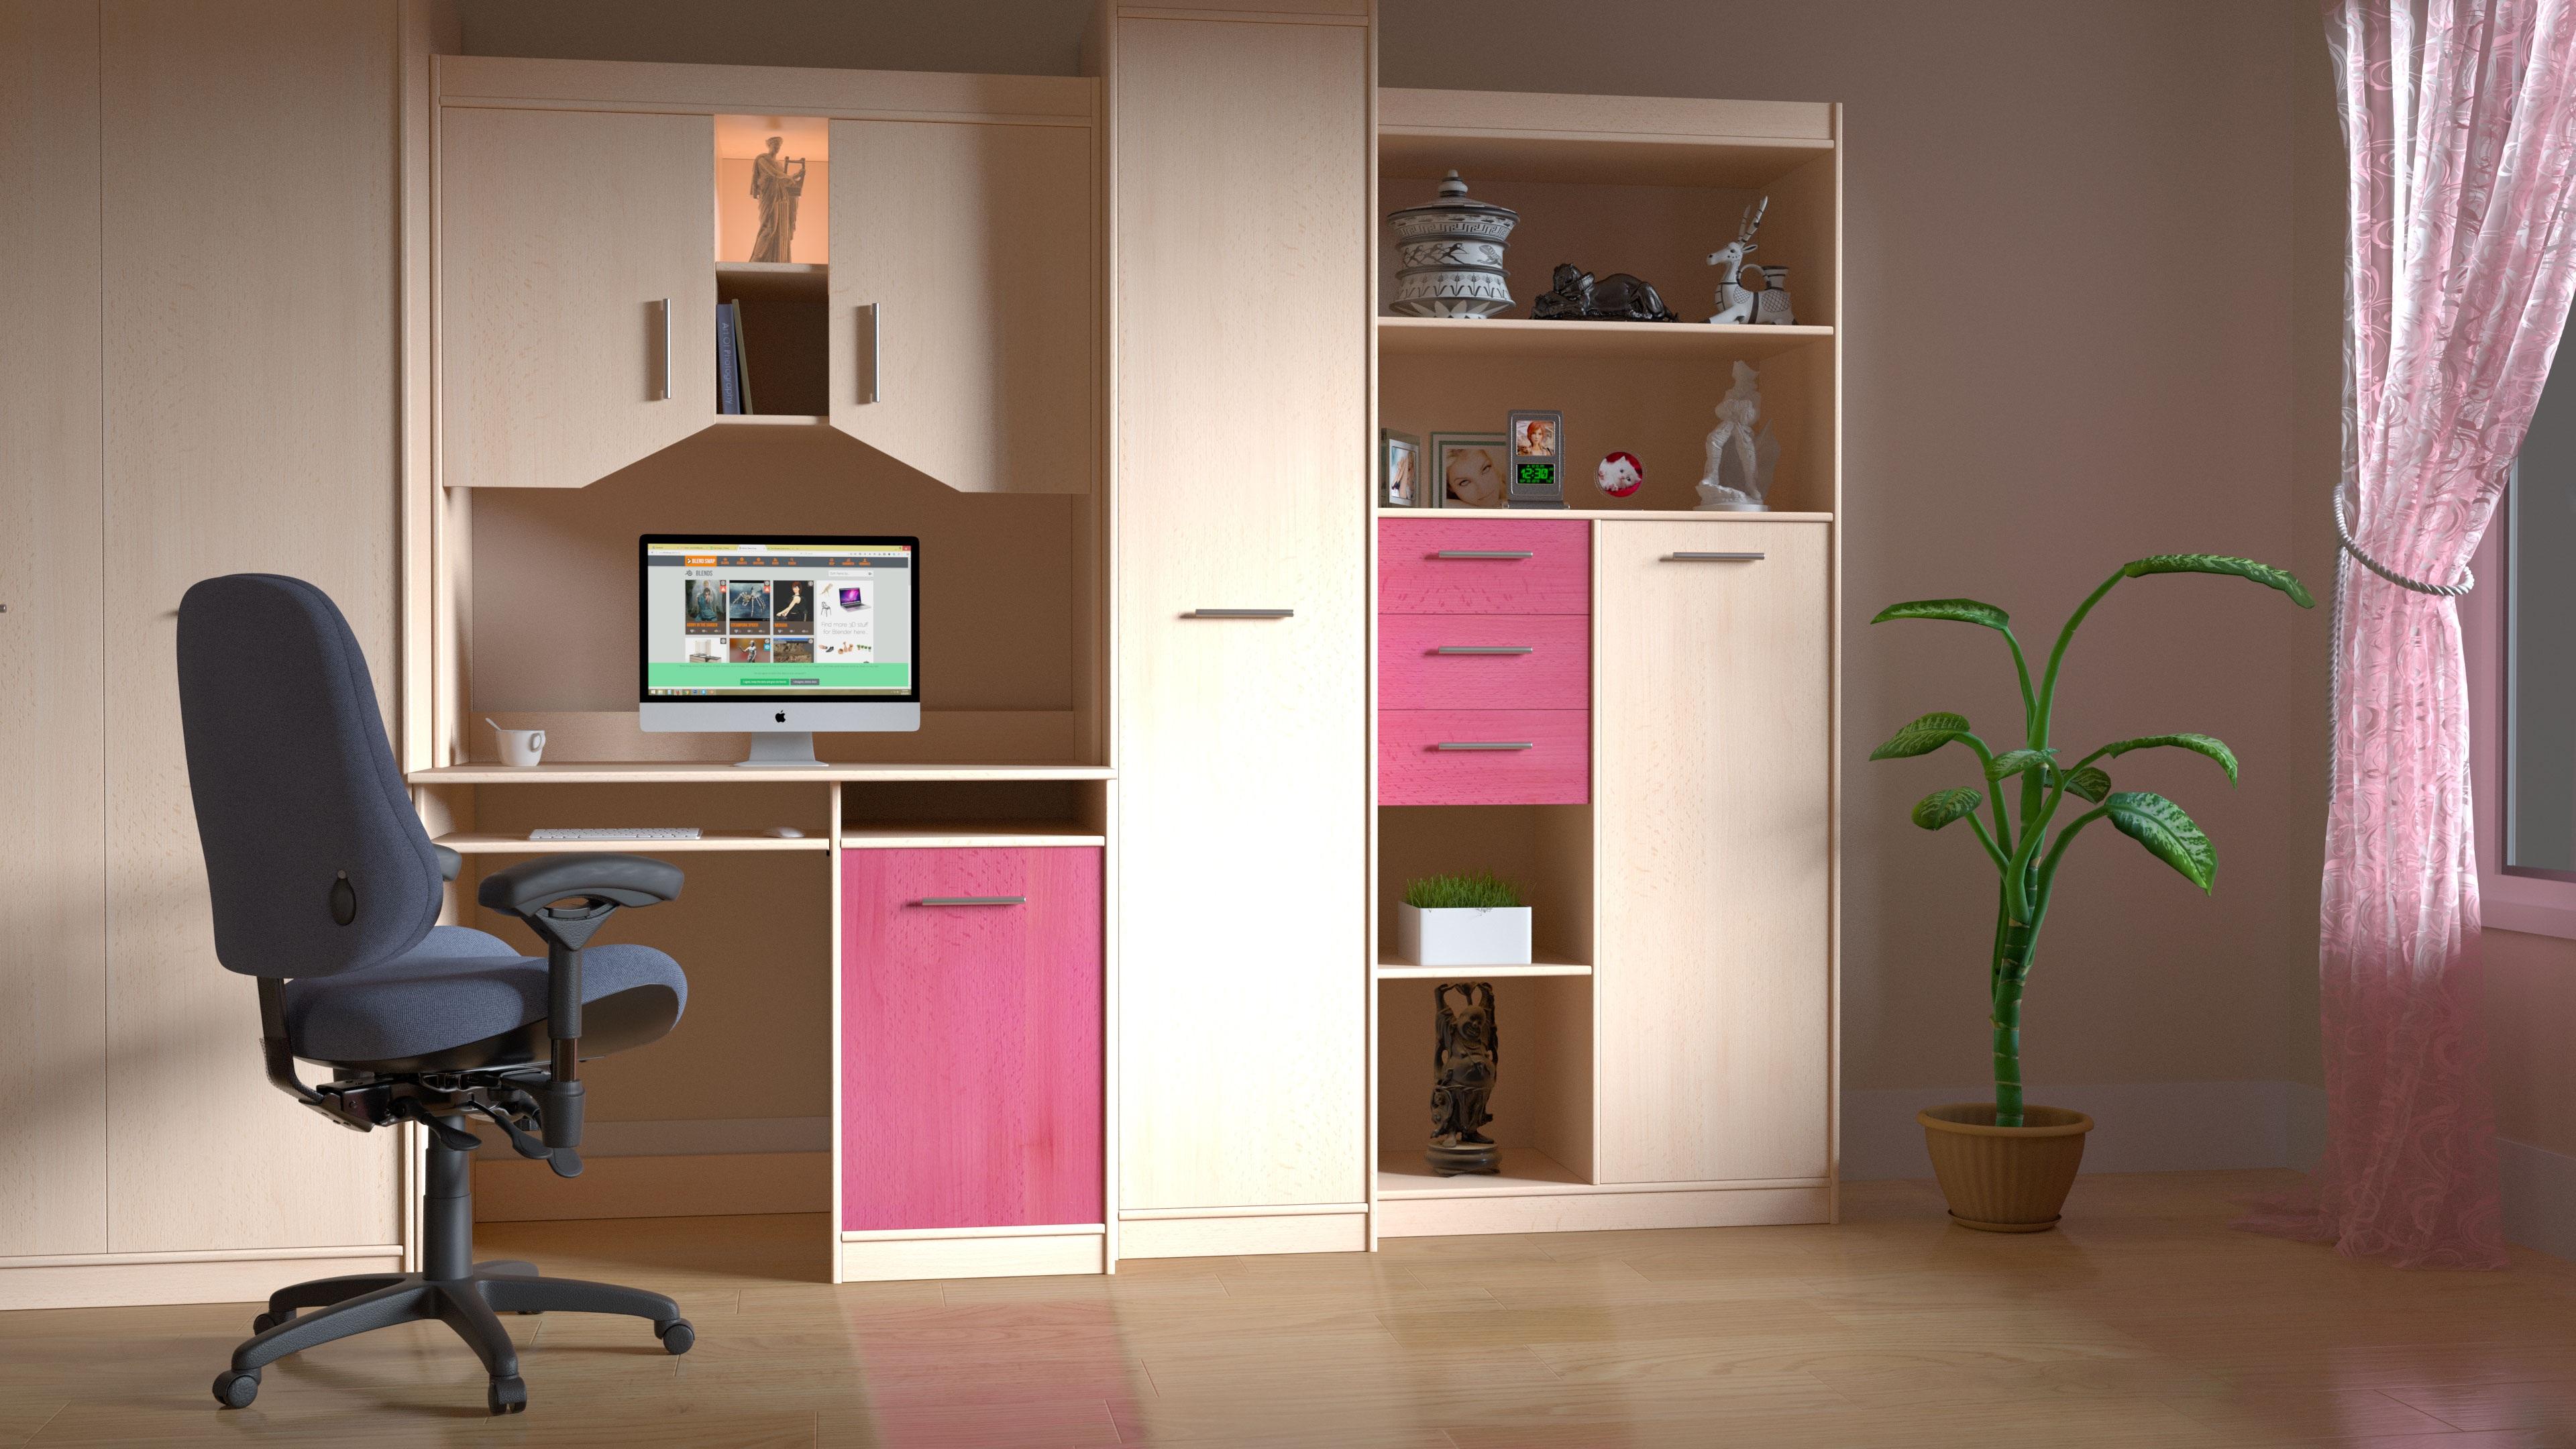 Images gratuites : bureau ordinateur travail intérieur maison